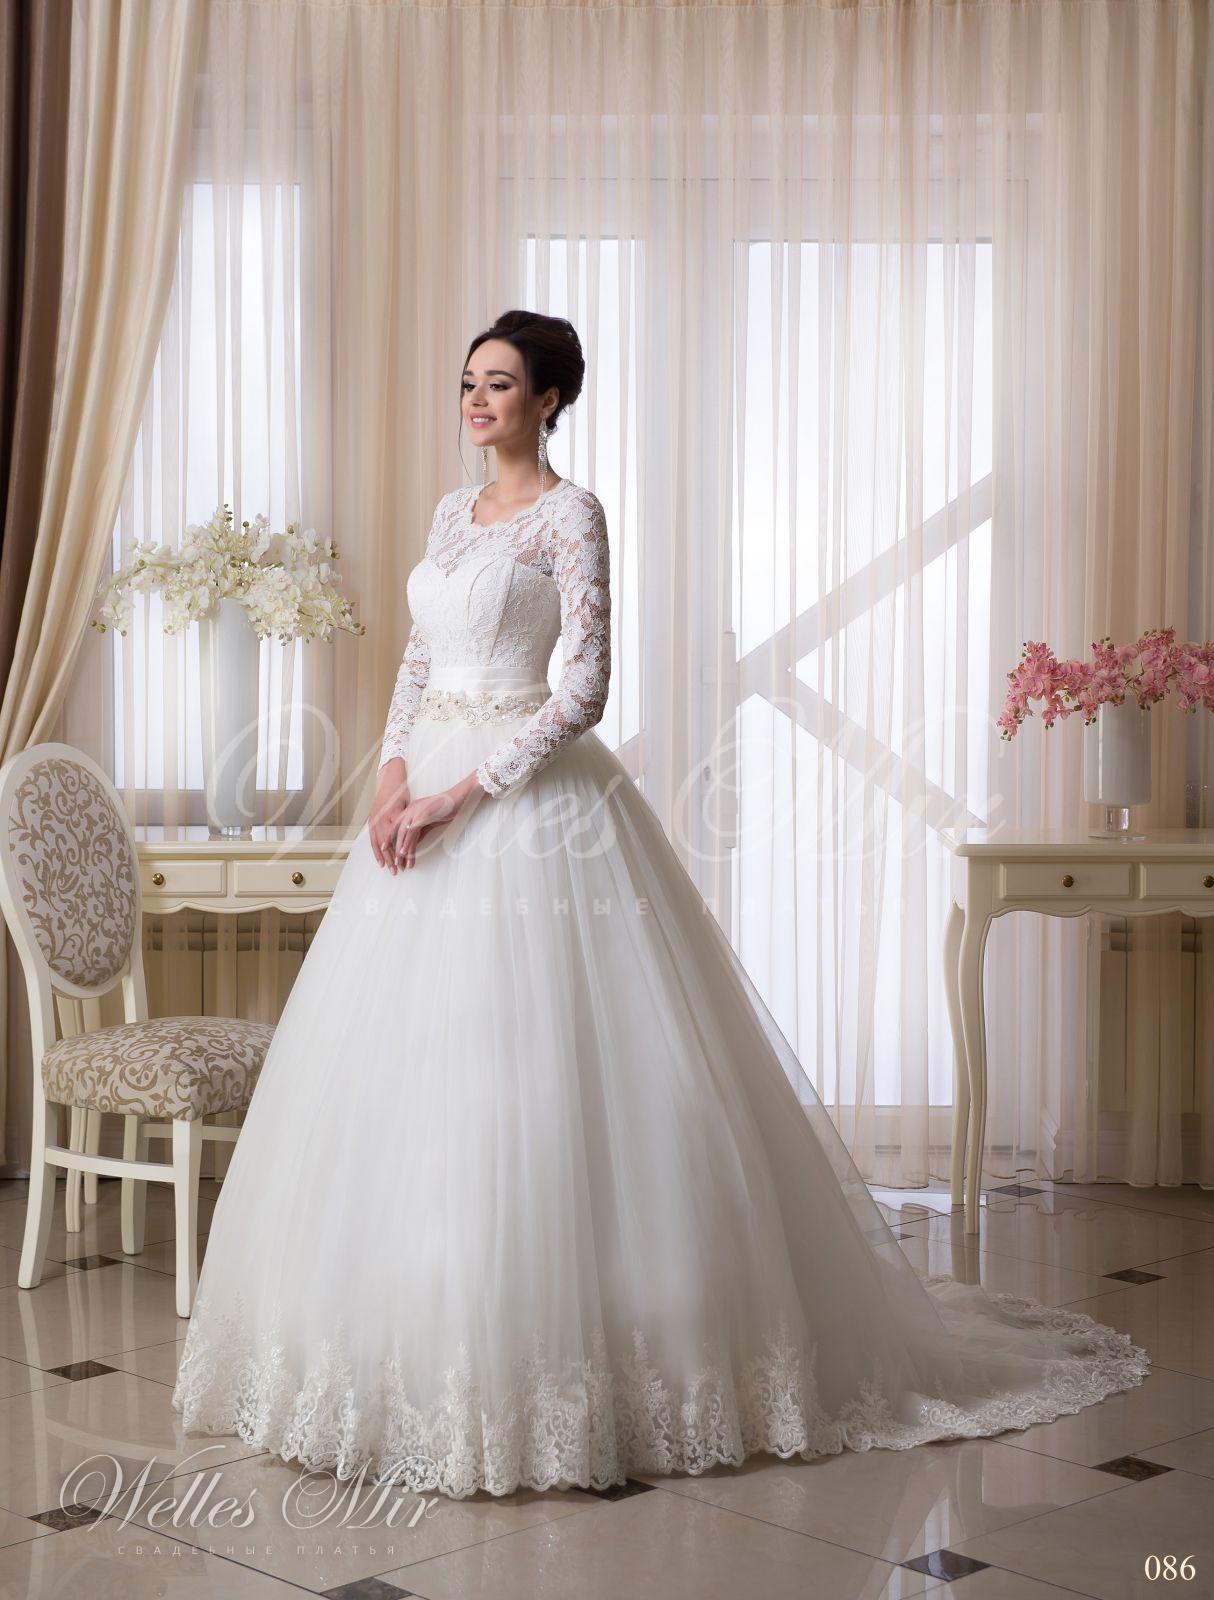 Свадебные платья Charming Elegance - 086